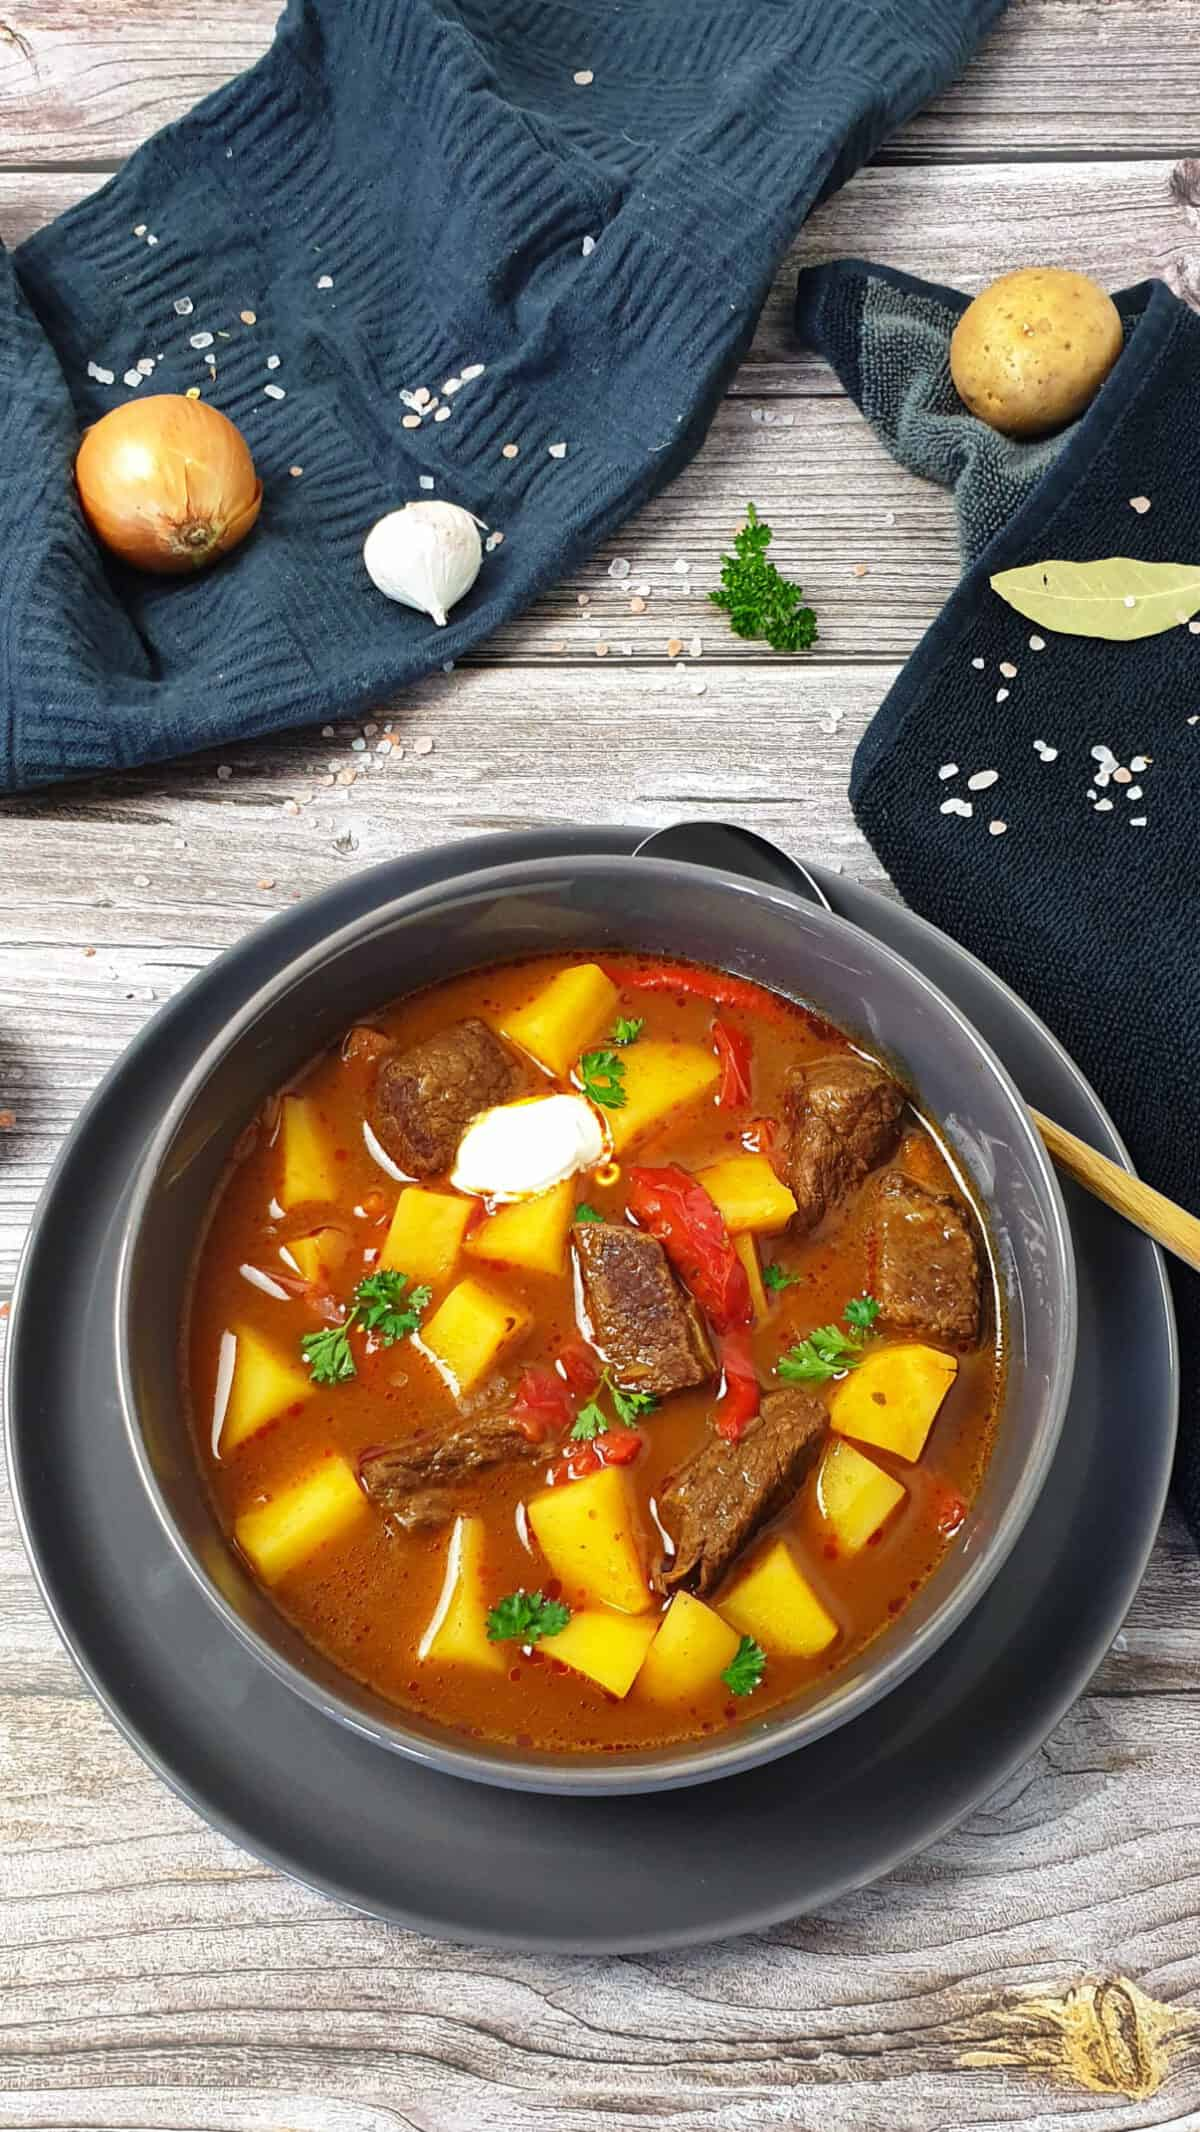 In einer grauen Schale Gulaschsuppe mit Rindfleisch, Paprika und Kartoffeln. Im Hintergrund Deko.